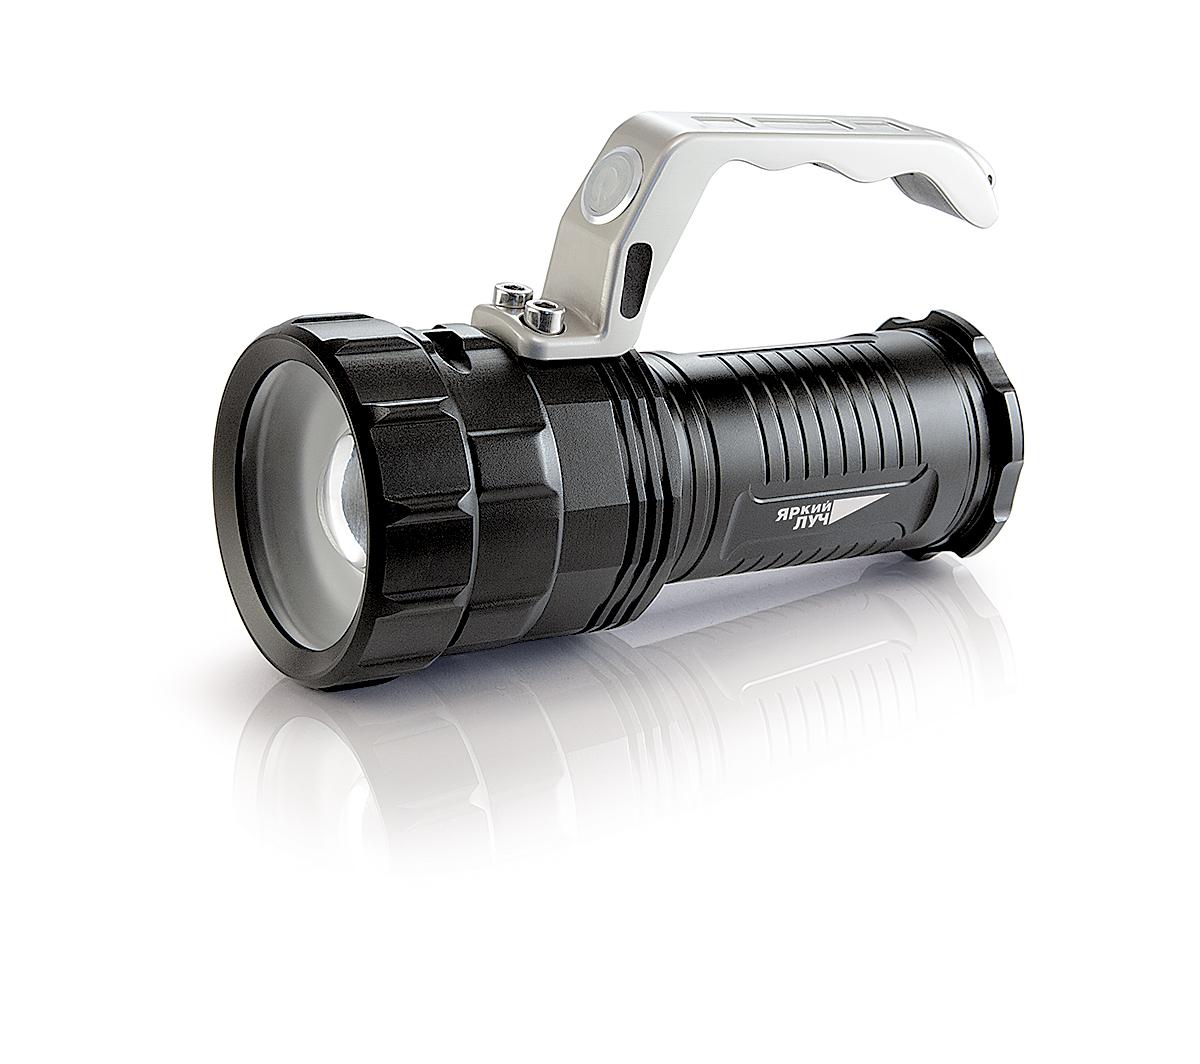 Фонарь ЯРКИЙ ЛУЧФонари<br>Источники питания: аккумулятор, Тип аккумулятора: LiION, Тип лампы: светодиодная, Тип: ручной<br>